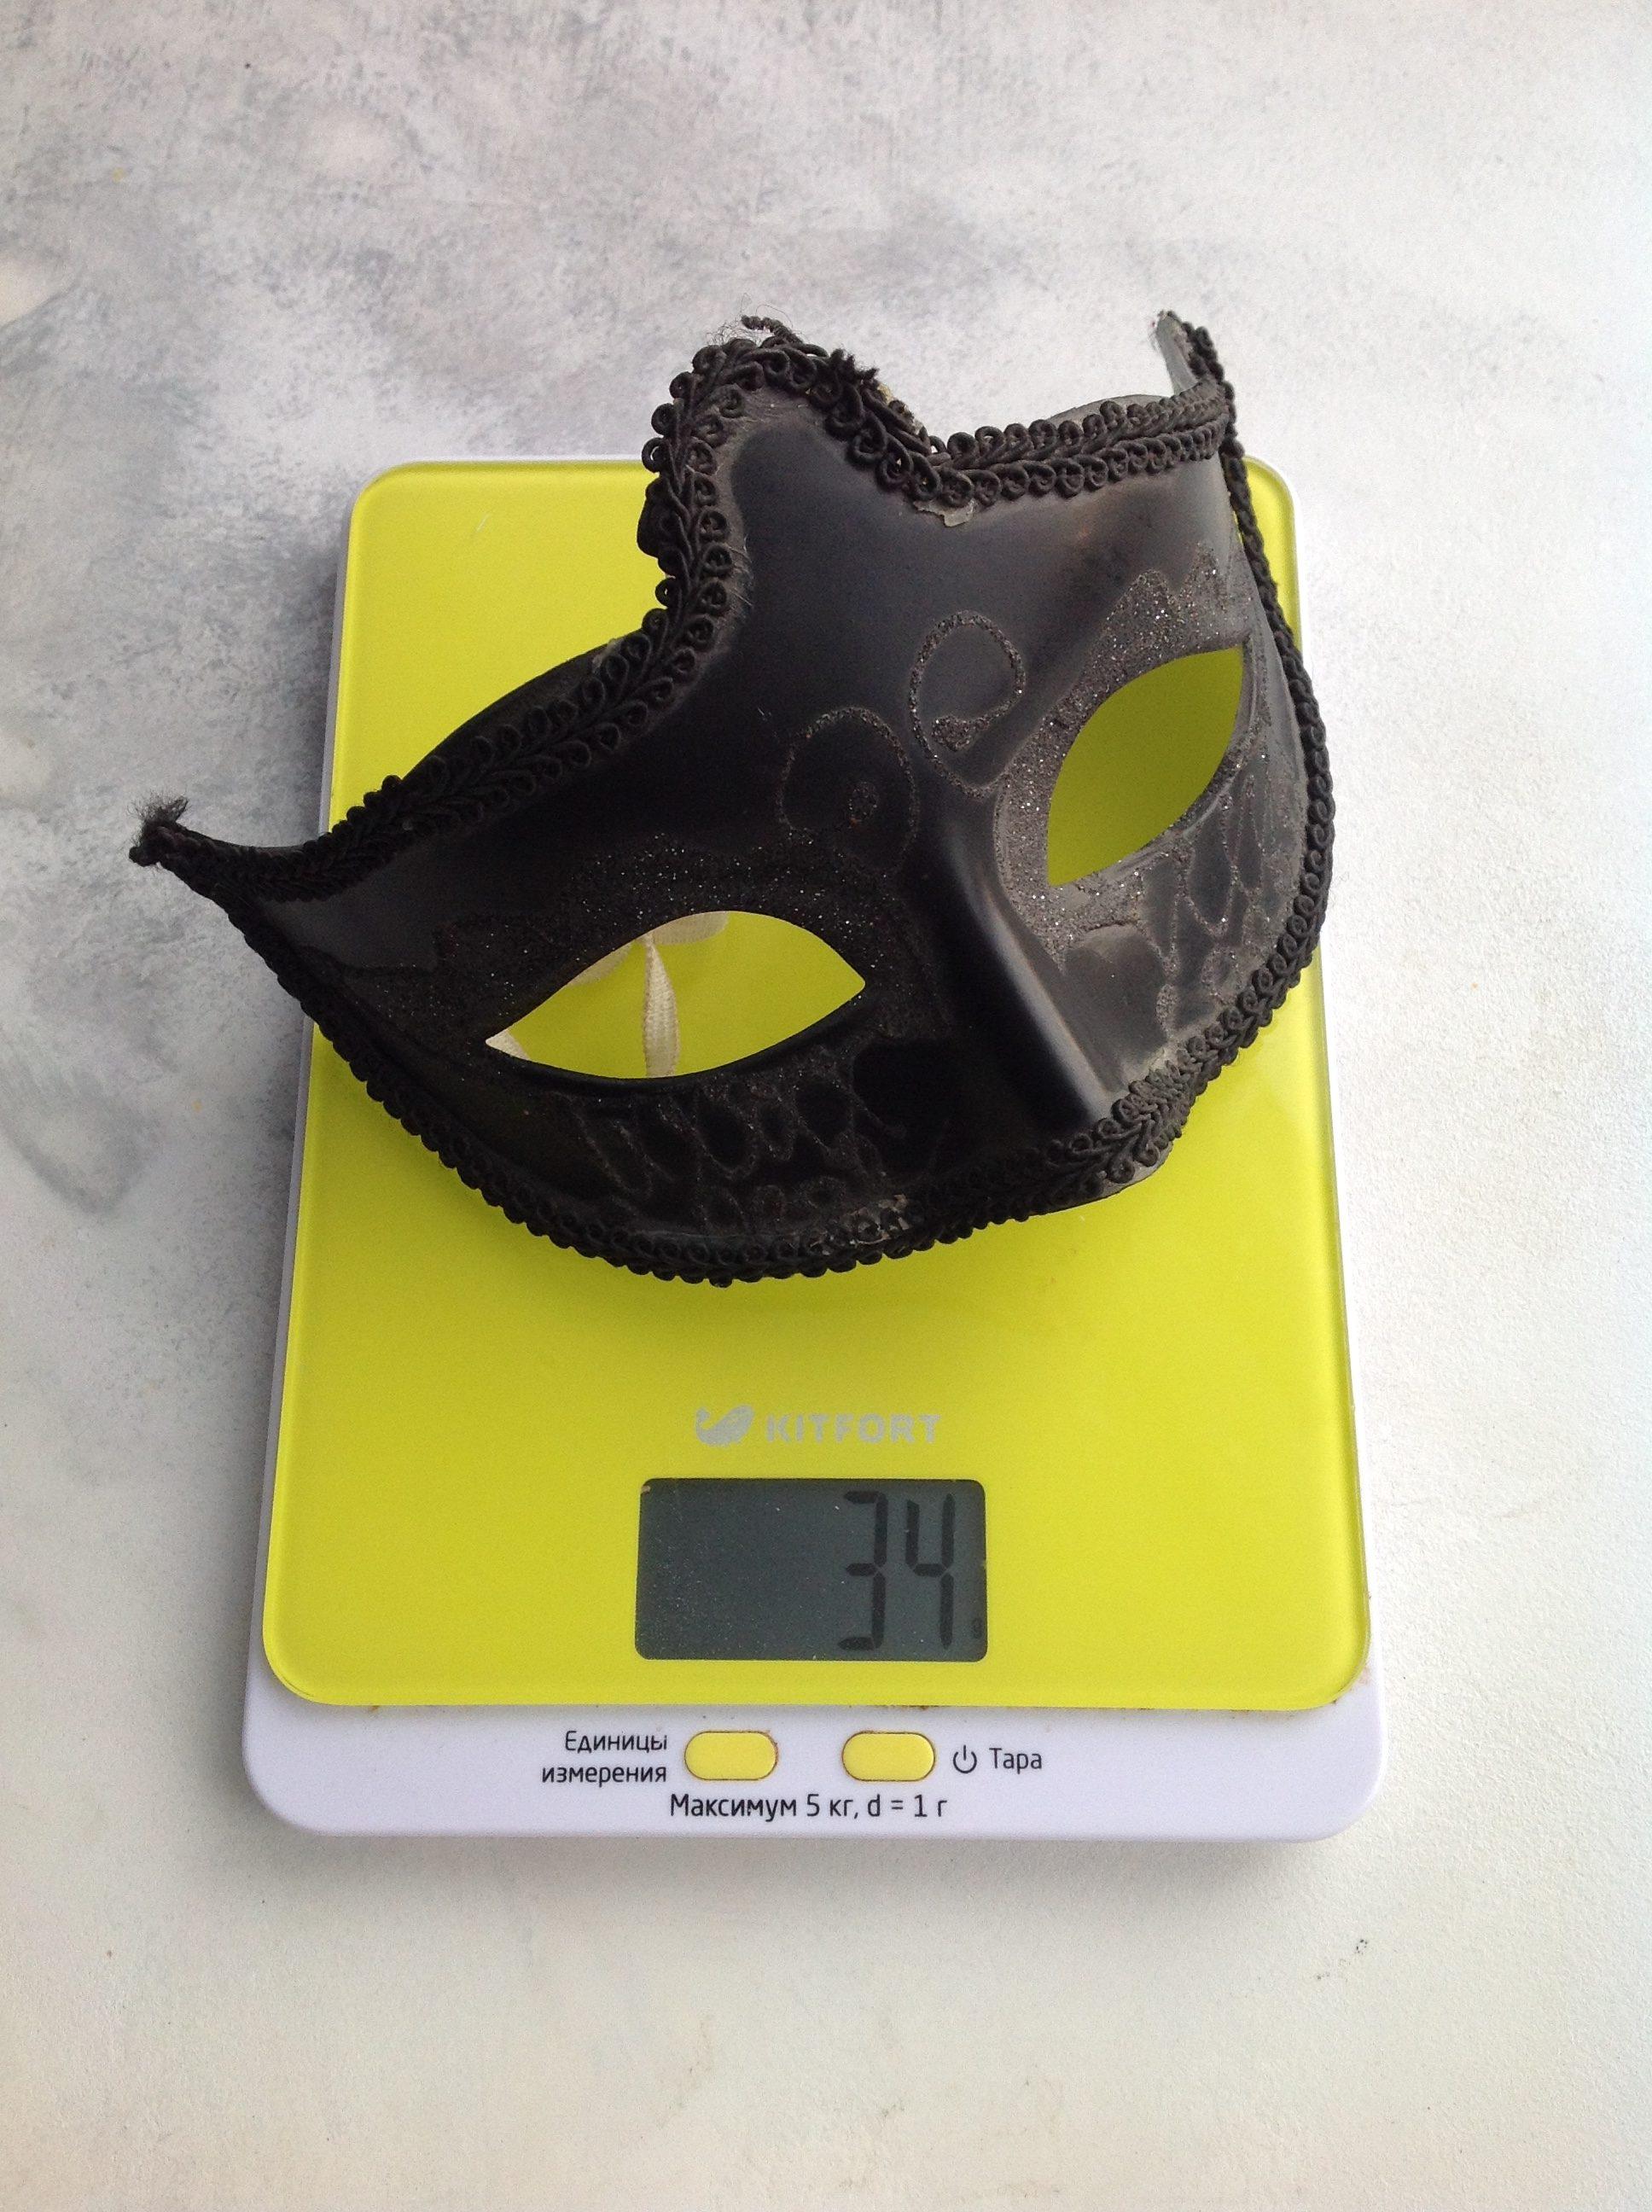 вес карнавальной маски для глаз черной